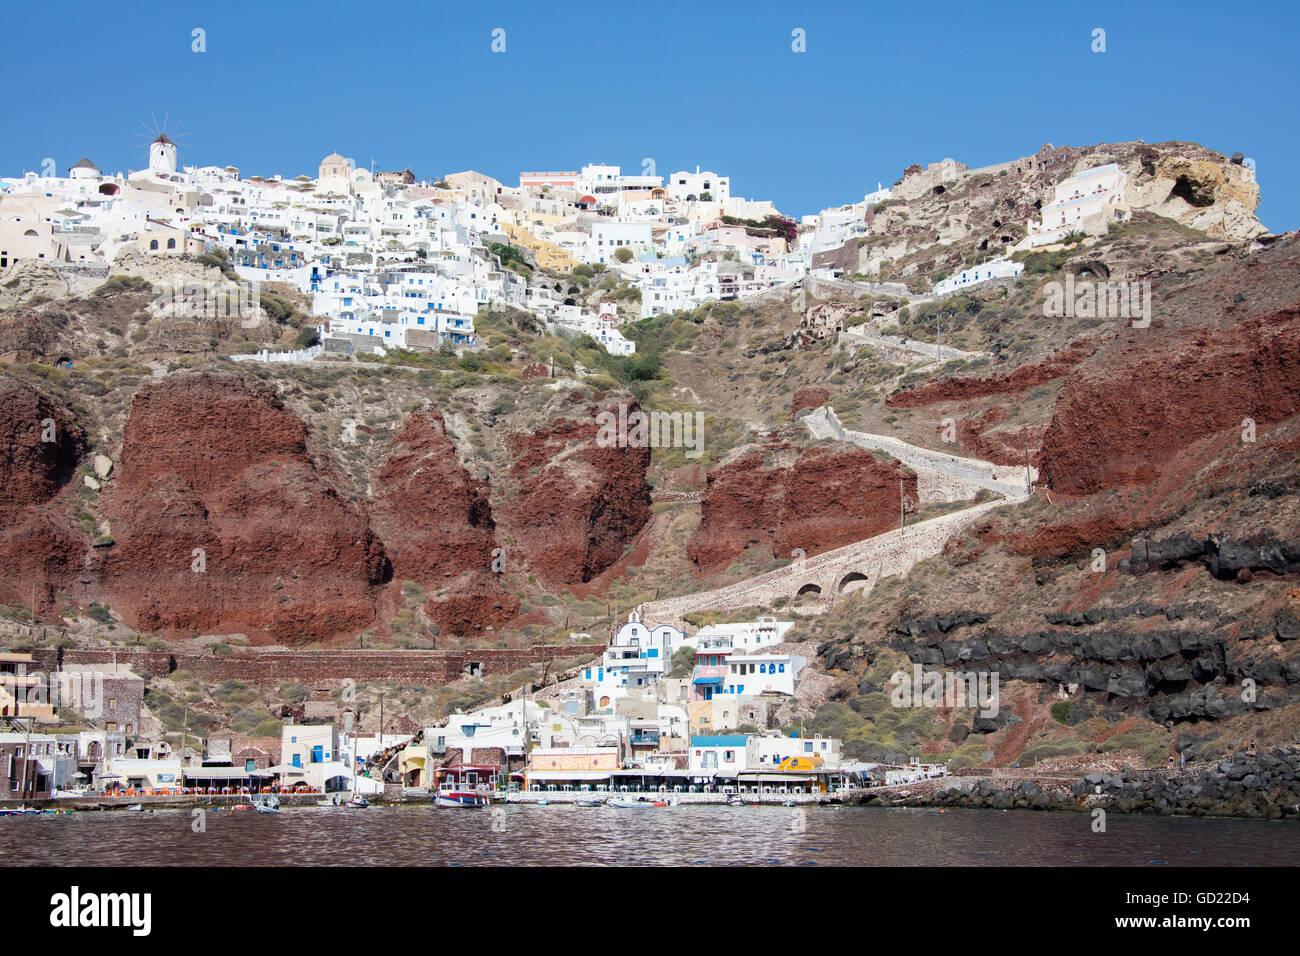 Typisches griechisches Dorf thront auf Vulkangestein mit weißen und blauen Häuser und Windmühlen, Stockbild